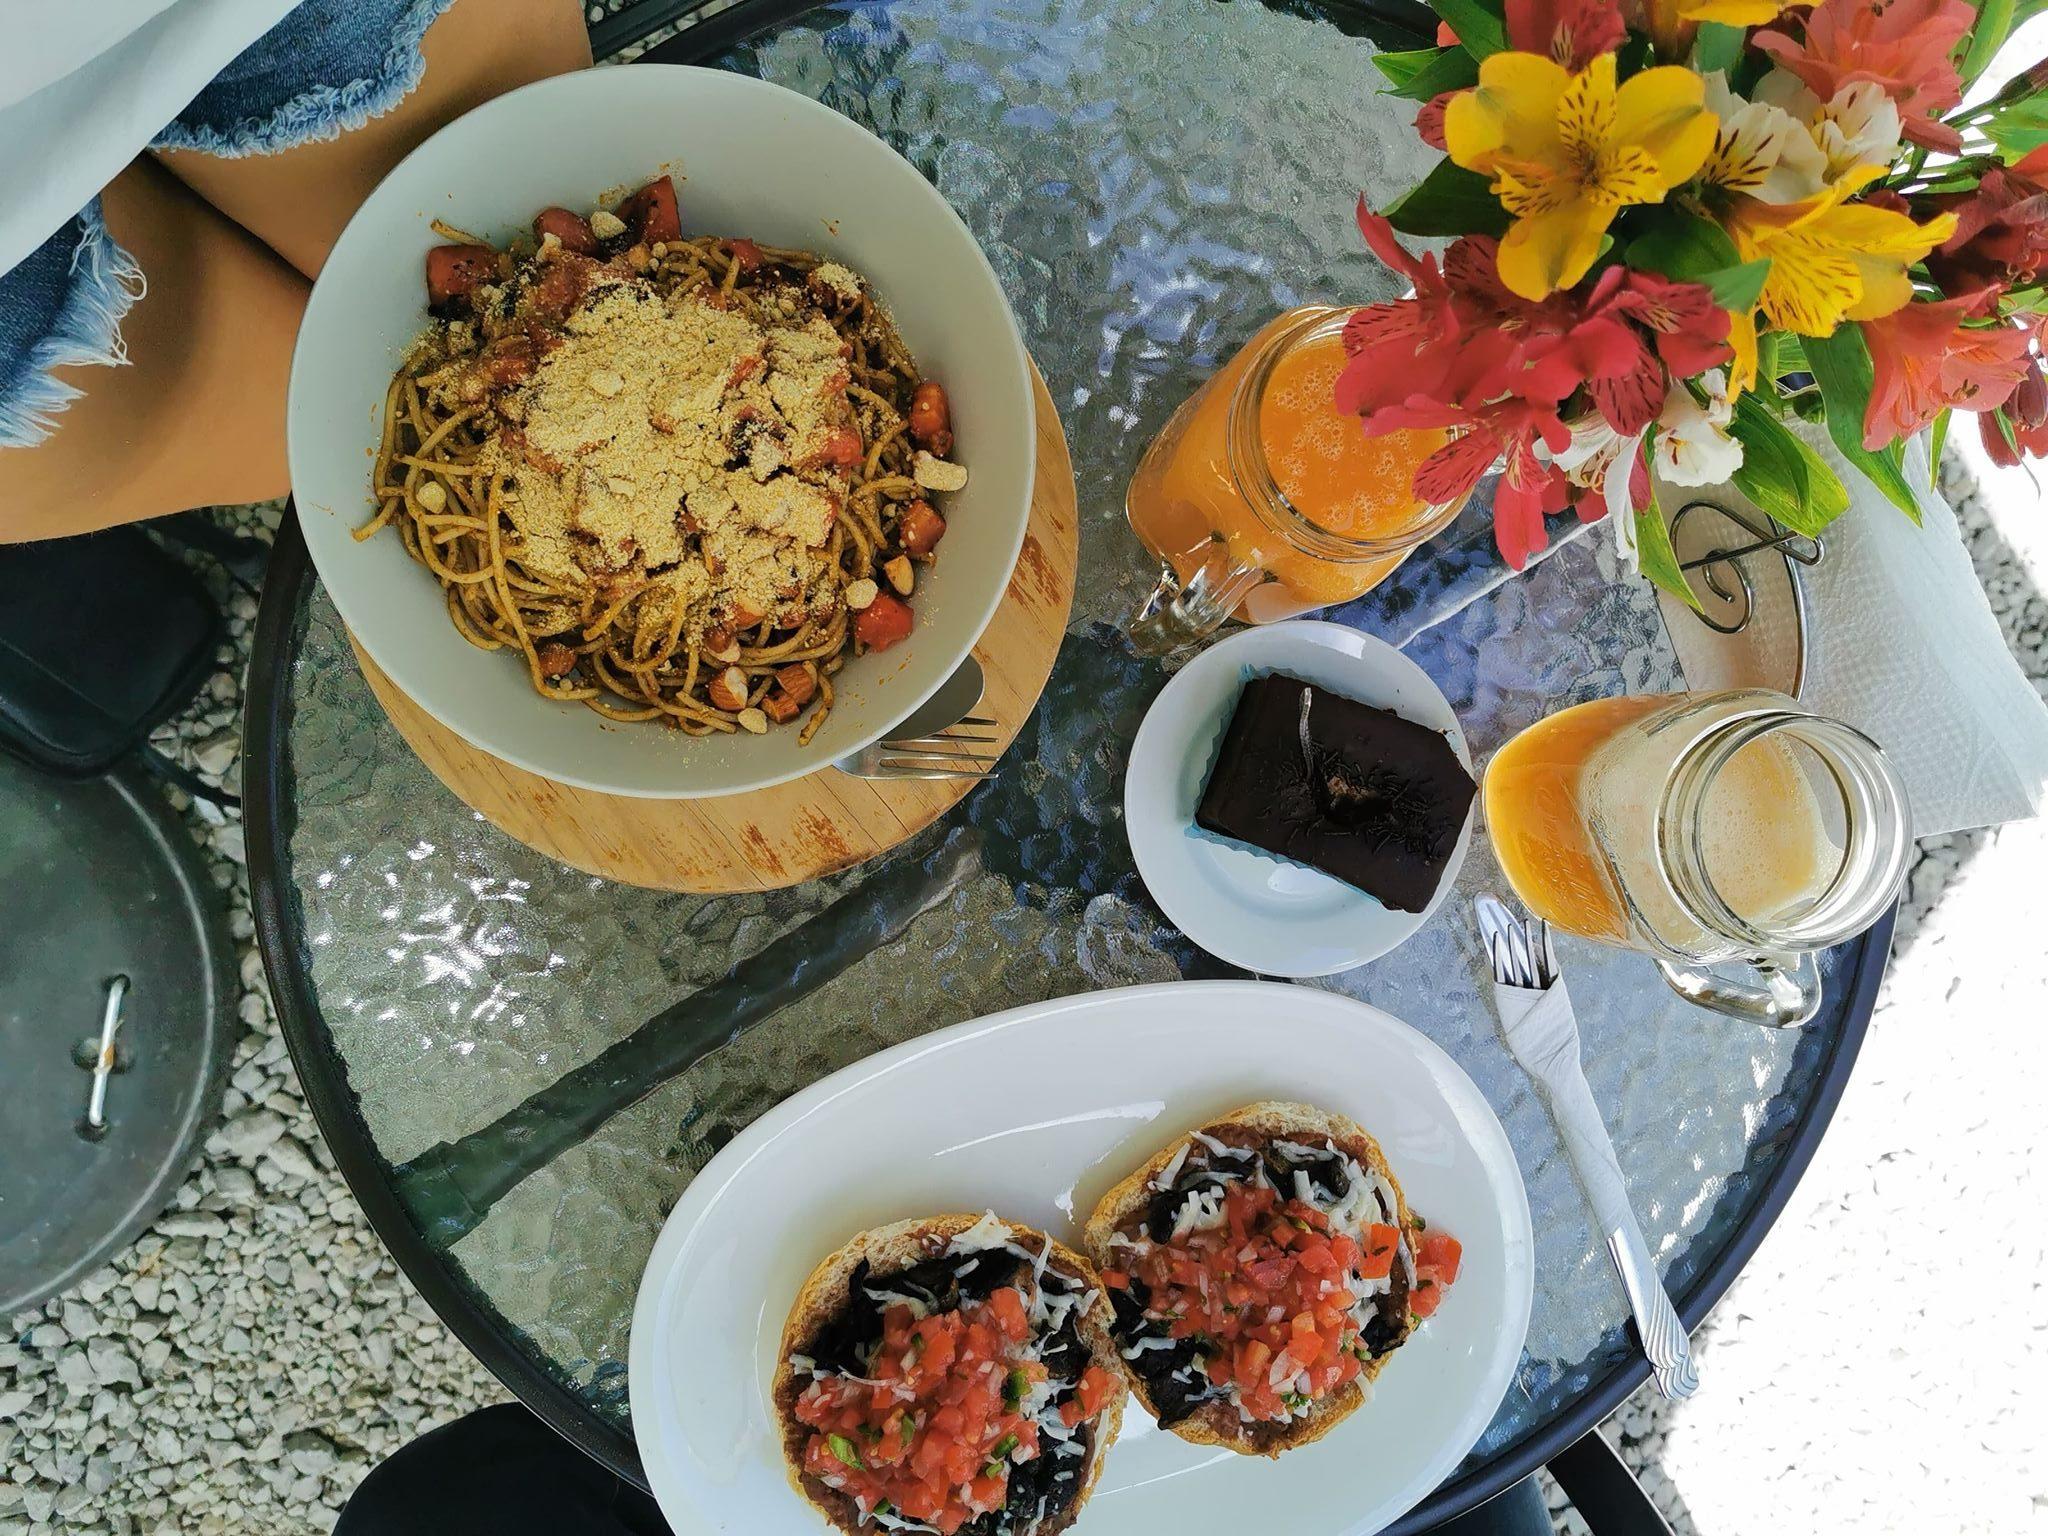 manger végétarien au mexique